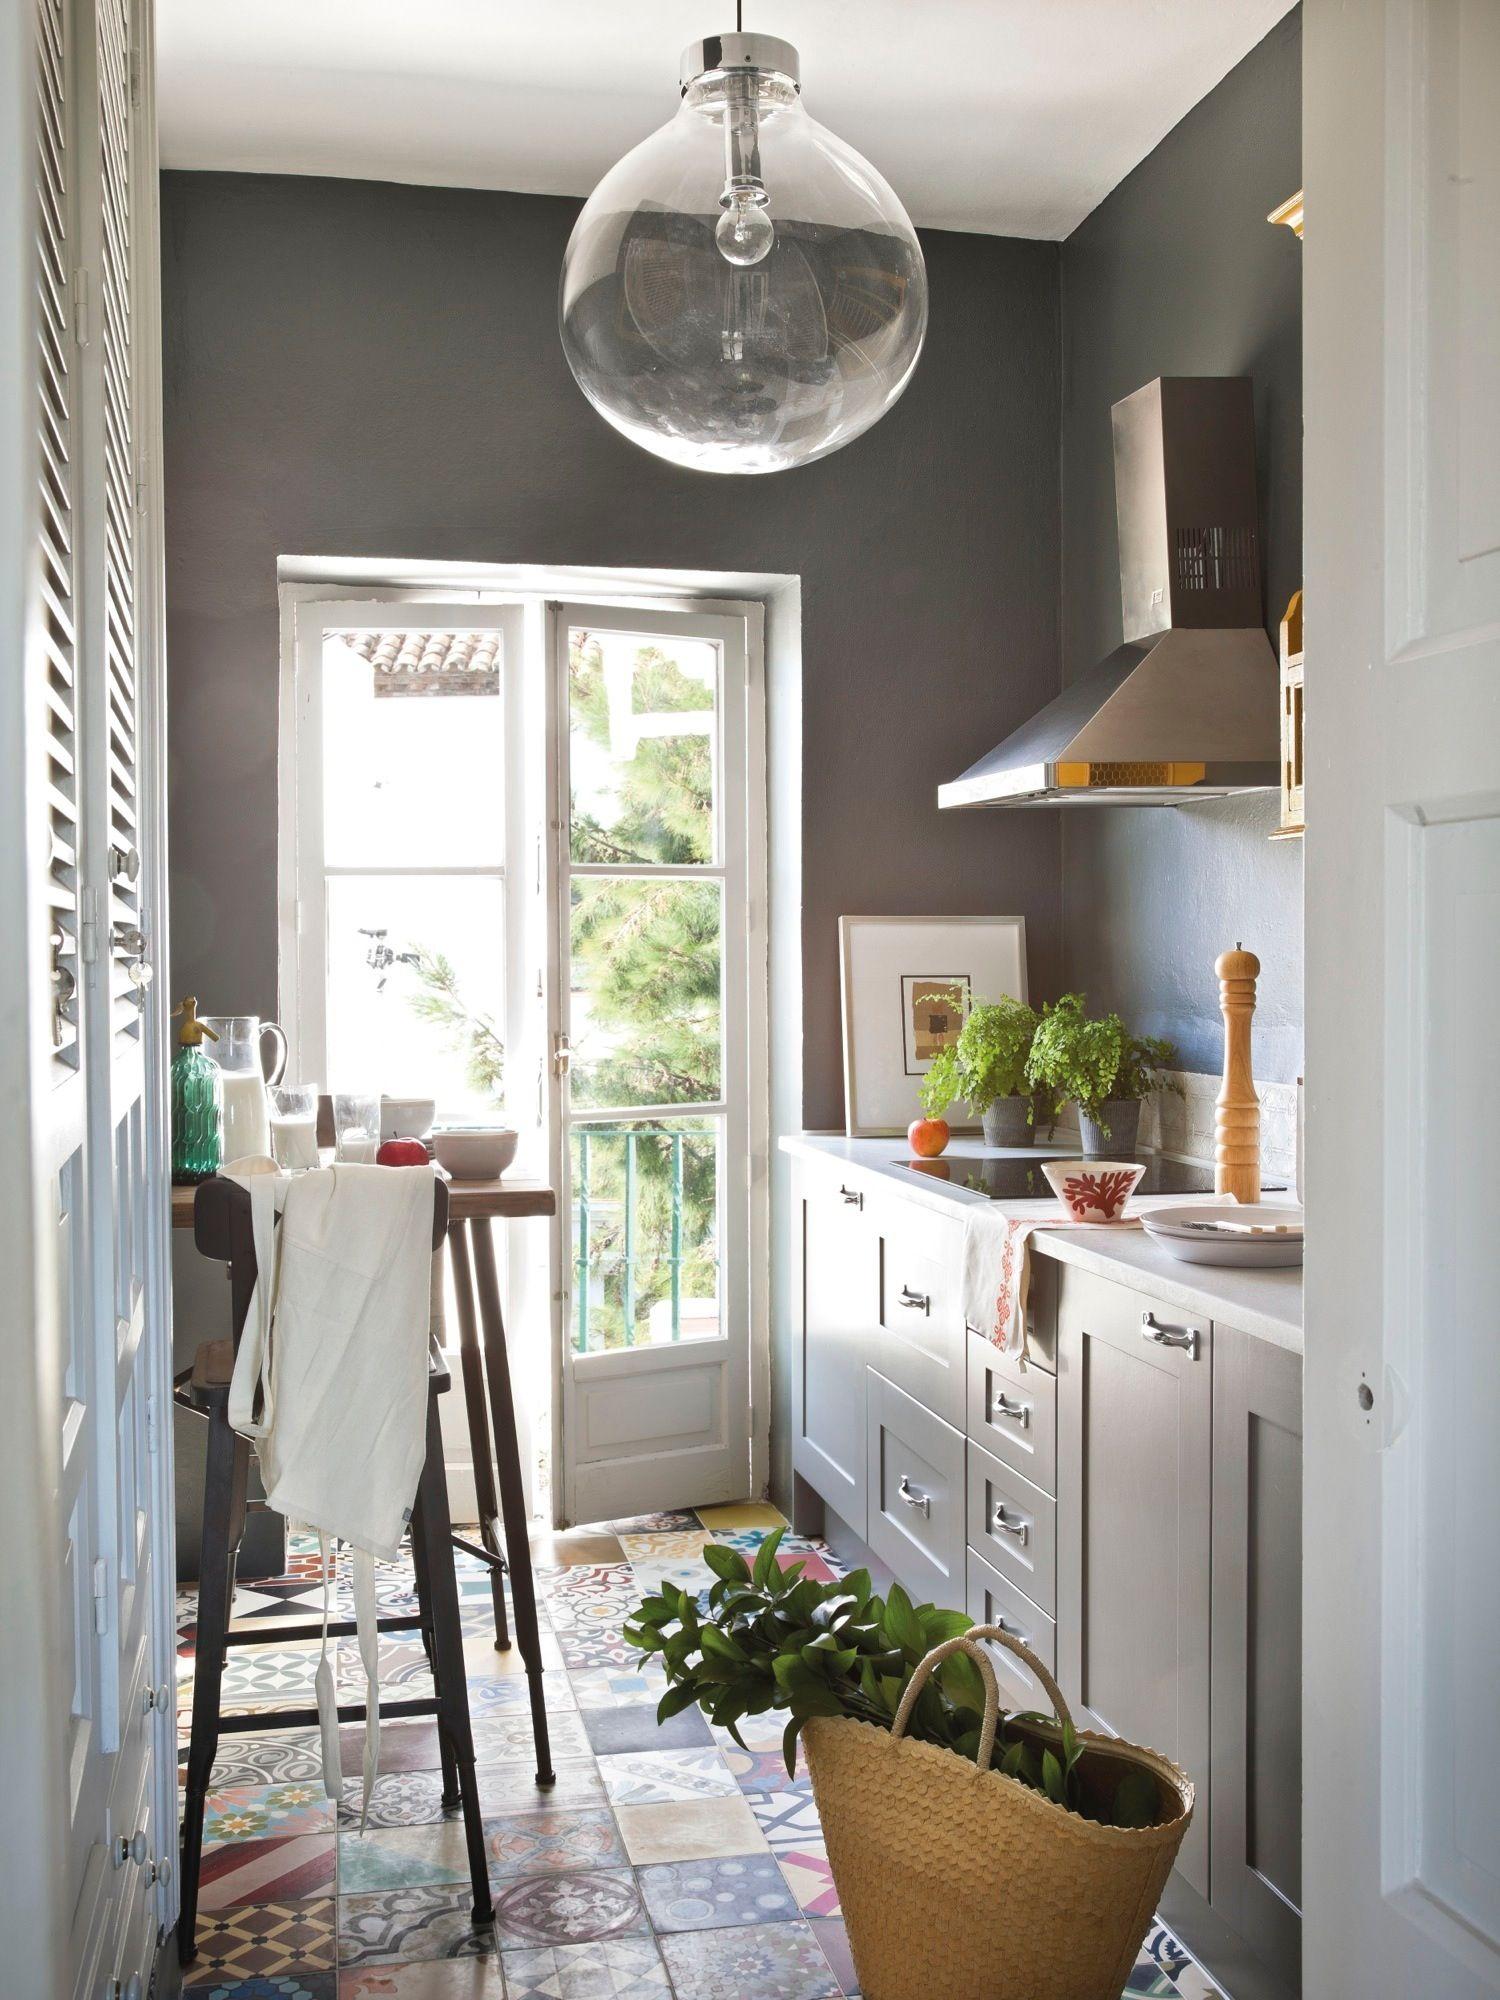 15 cocinas pequeñas ¡y muy bonitas! | Pinterest | Fotos de cocinas ...